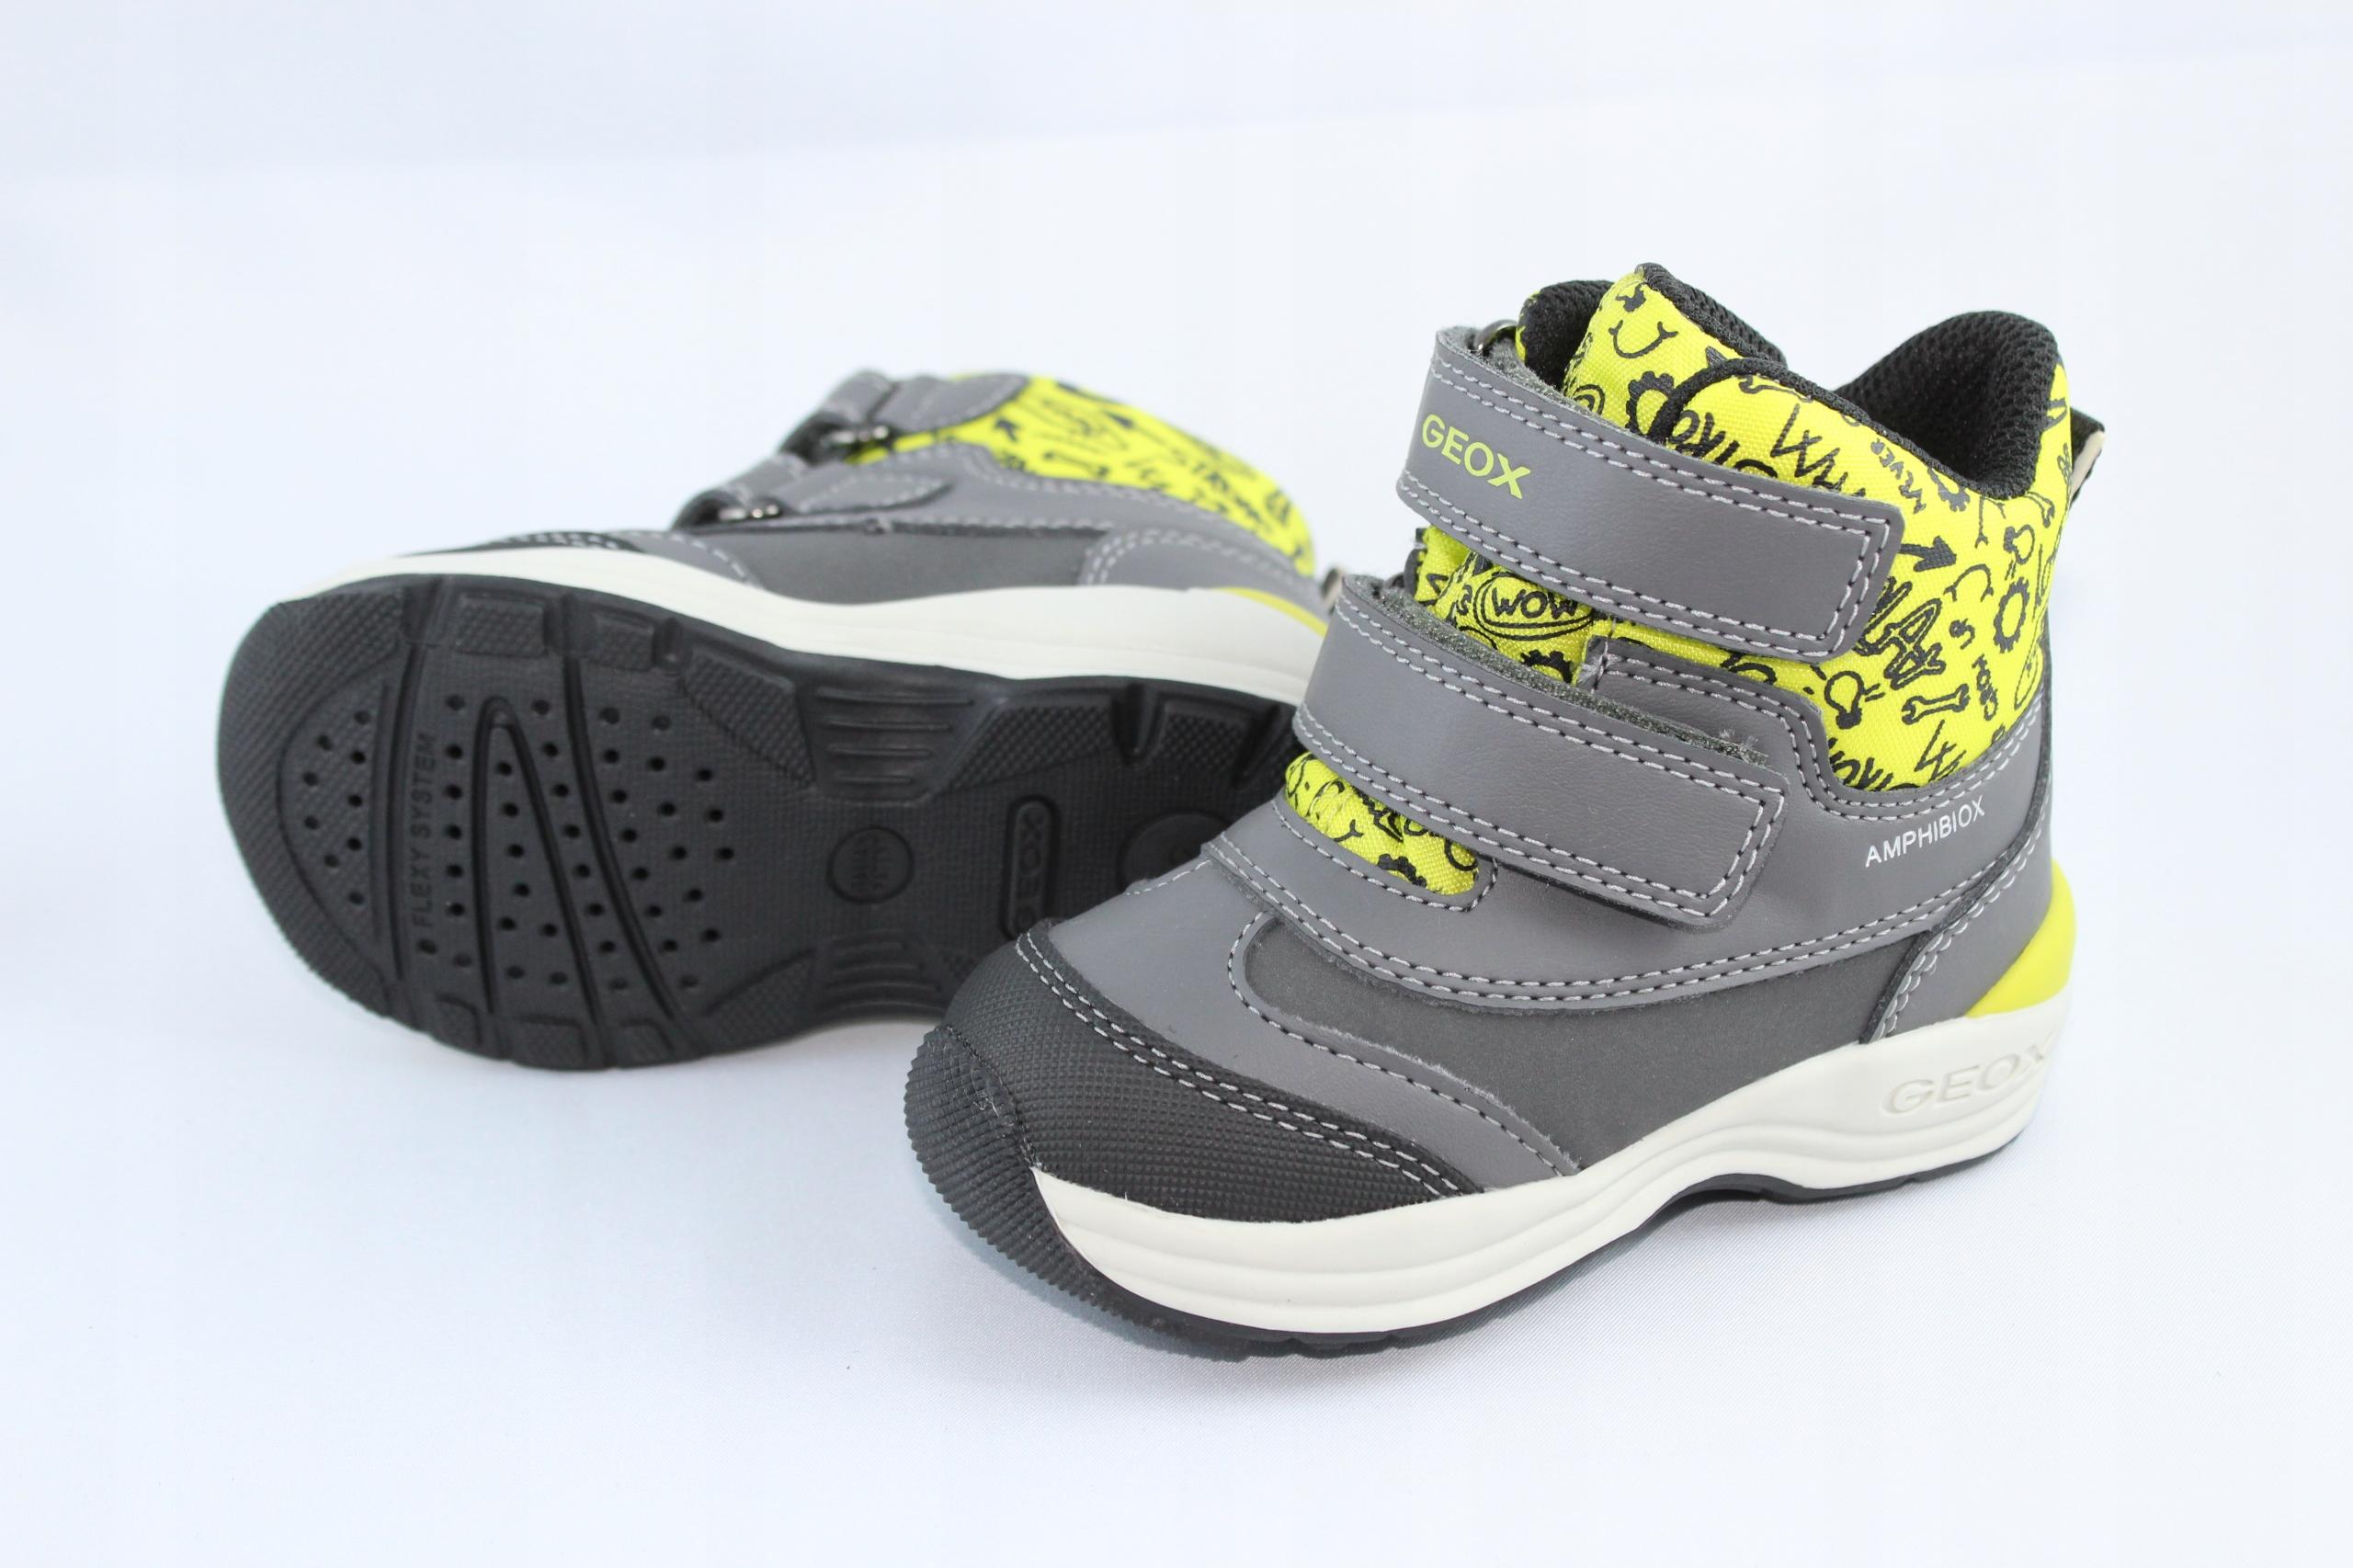 رباعي السطوح حذاء طويل توقع ذلك Buty Zimowe Geox 22 Cazeres Arthurimmo Com